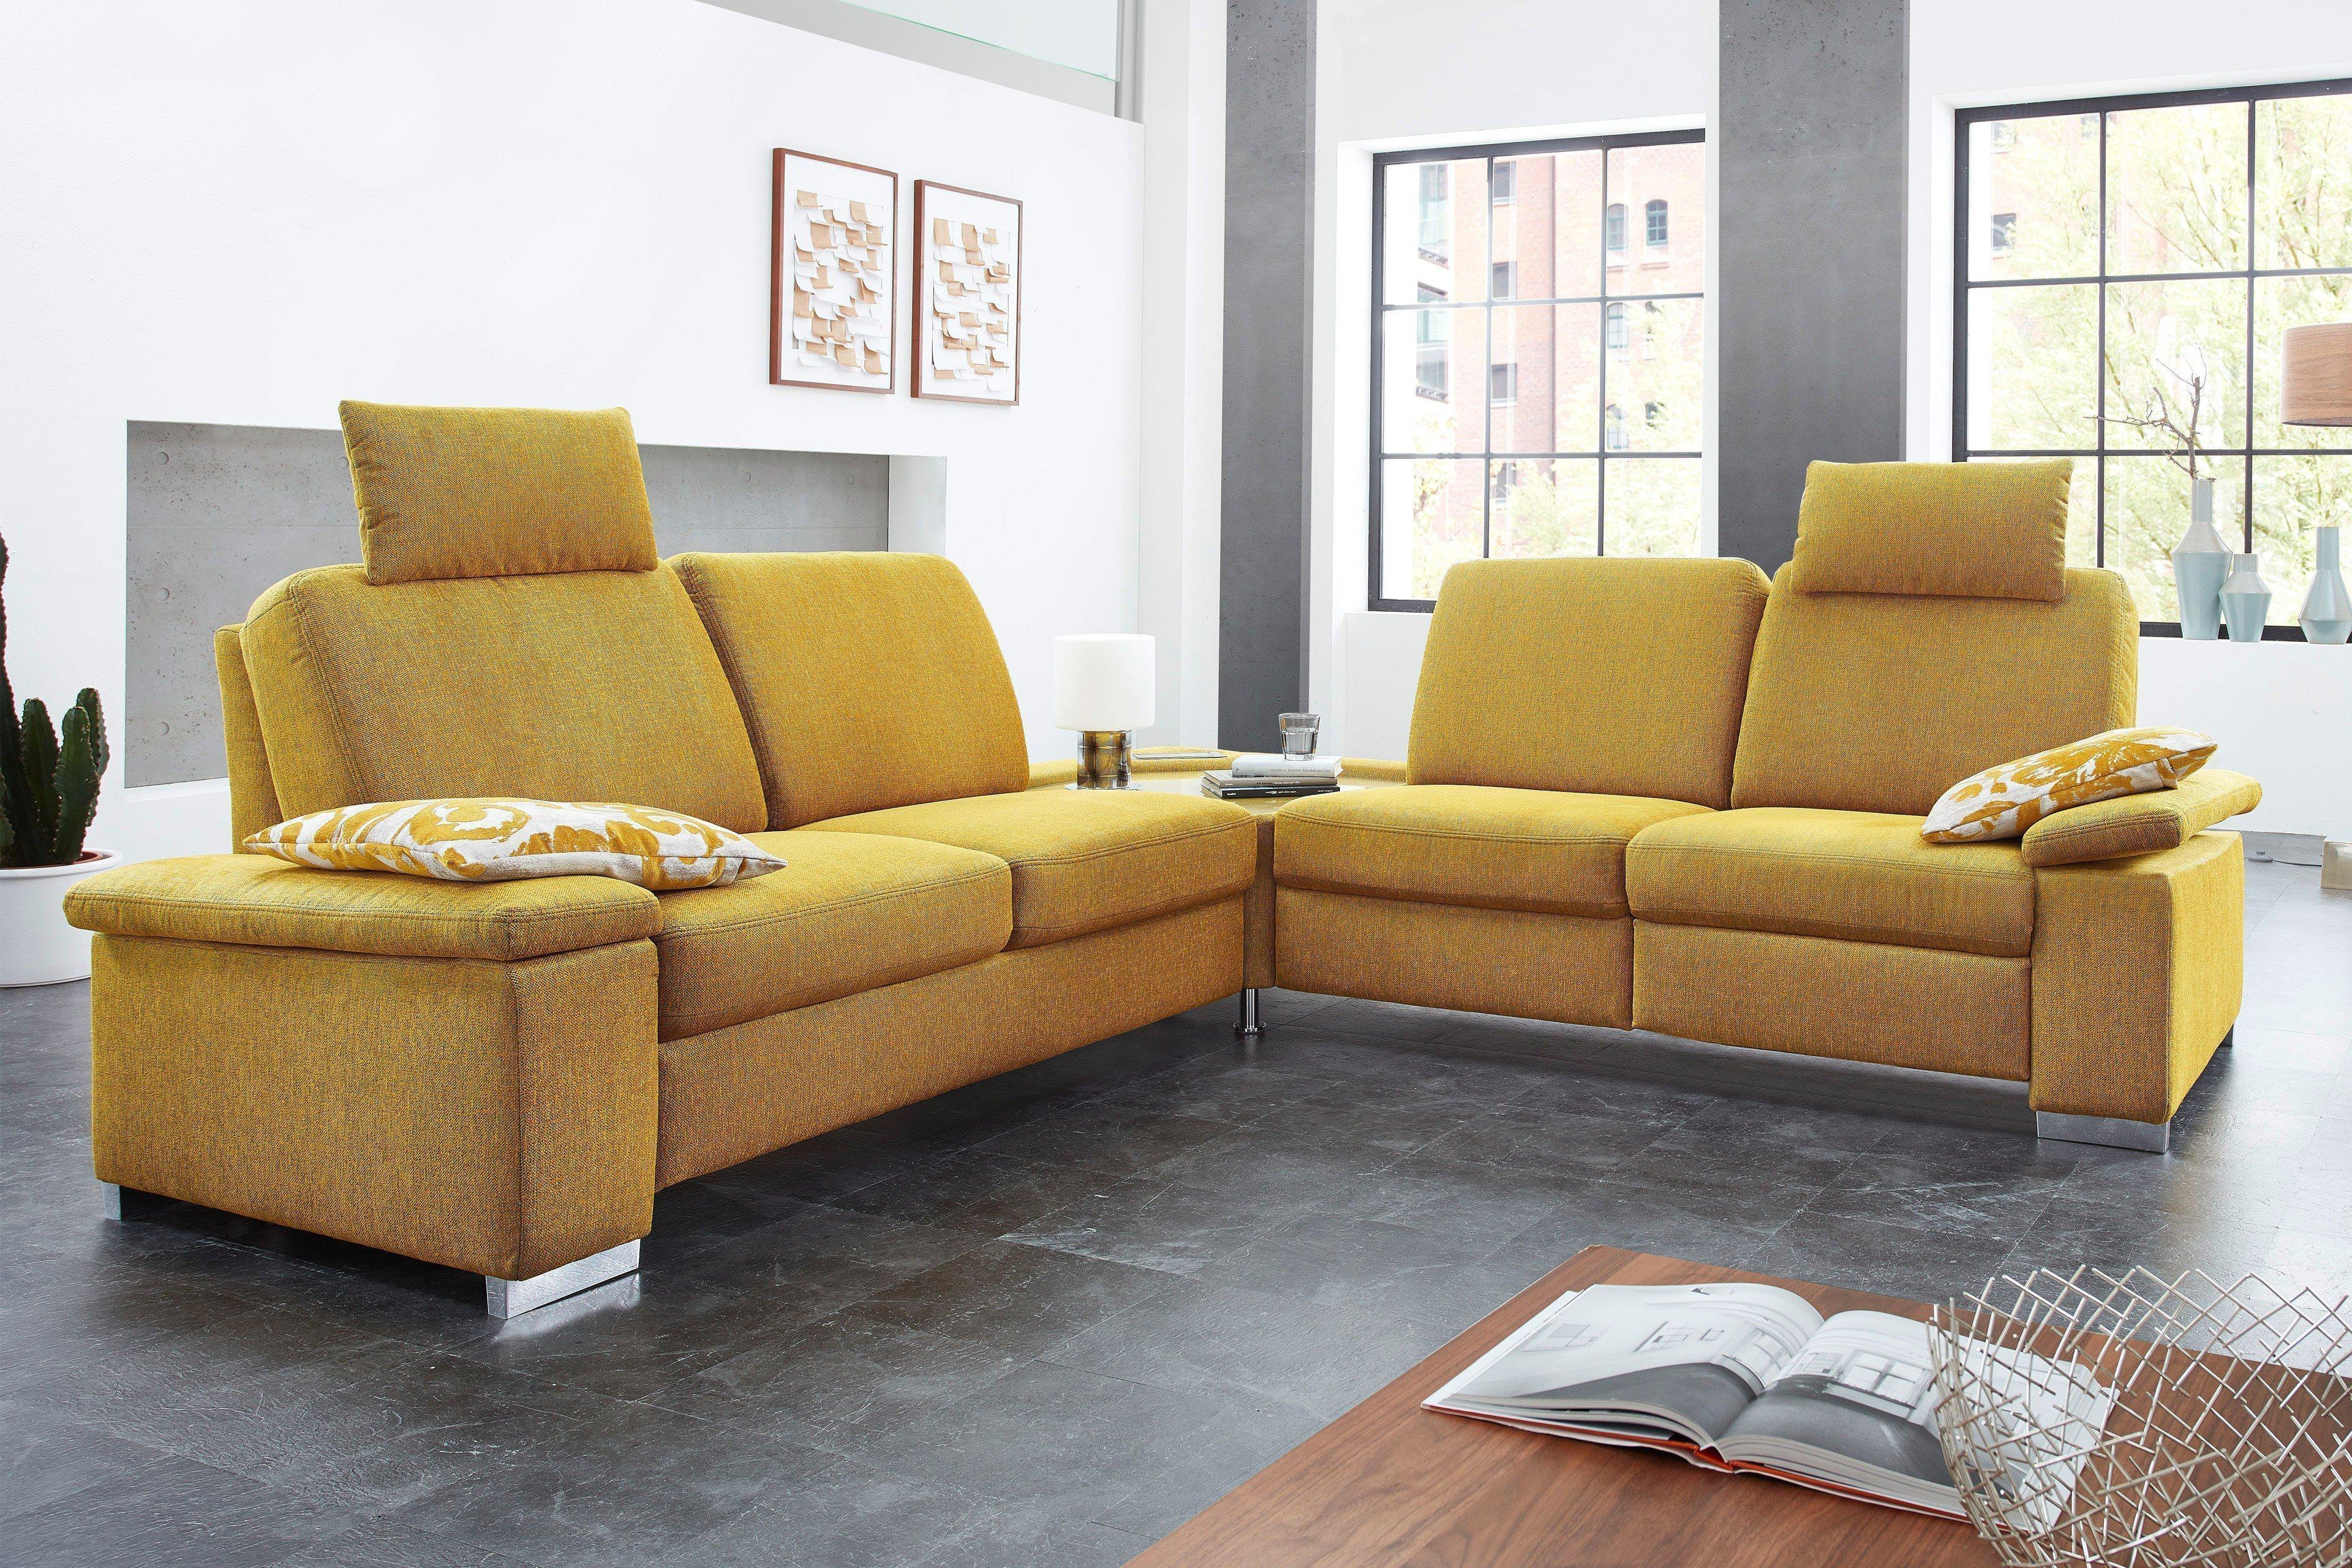 eckgarnitur kche simple wohnzimmer with eckgarnitur kche. Black Bedroom Furniture Sets. Home Design Ideas